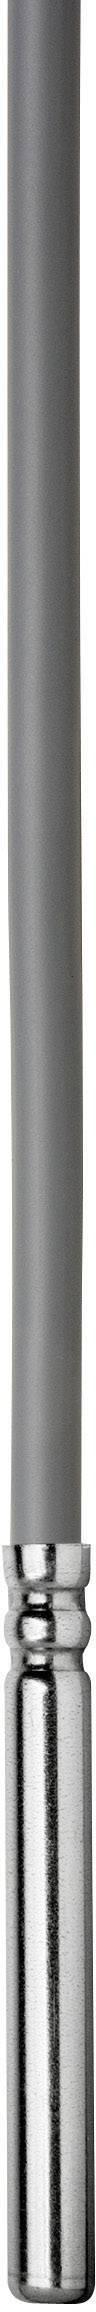 Teplotný senzor Jumo 902150/10-724-1003-1-6-50-11-2500/000, -5 do 80 °C, 2.5 m, 5.2 mm